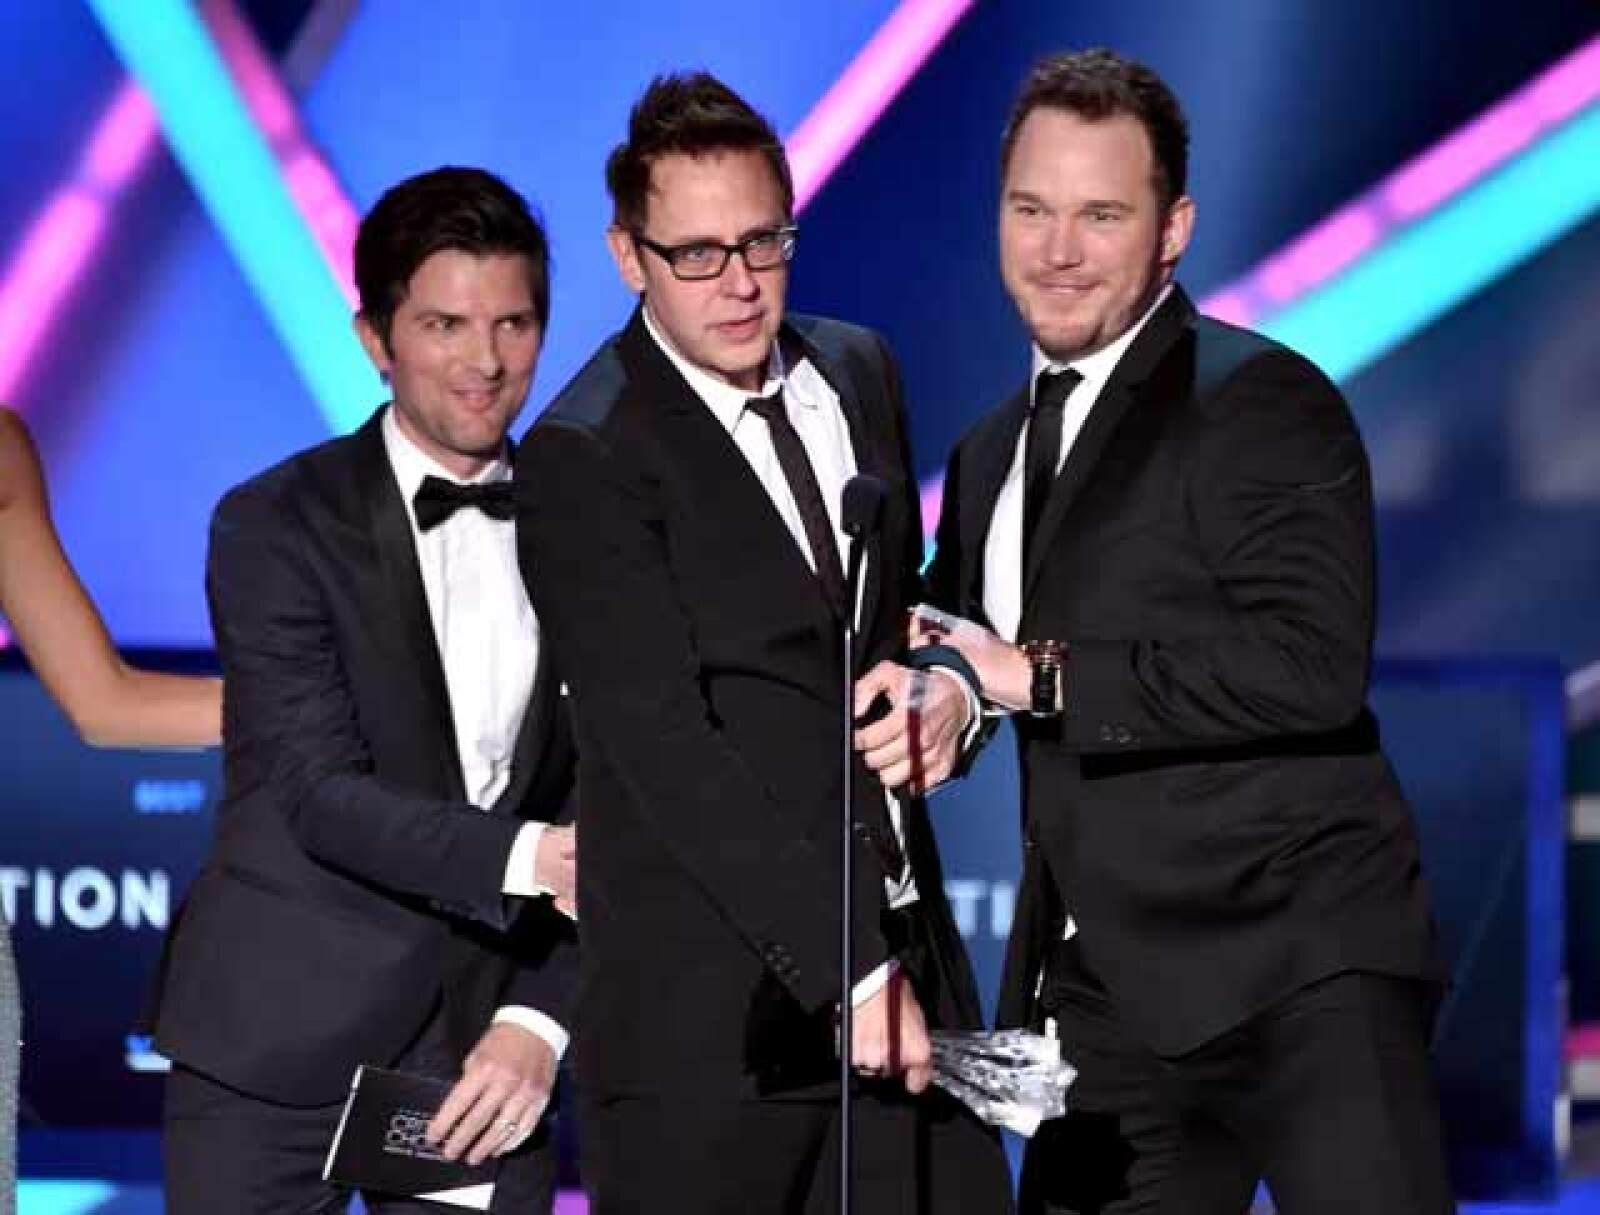 Aunque Edge Of Tomorrow obtuvo un premio, no pudo ganarle a Guardians Of The Galaxy en la categoría a Mejor Película de Acción.